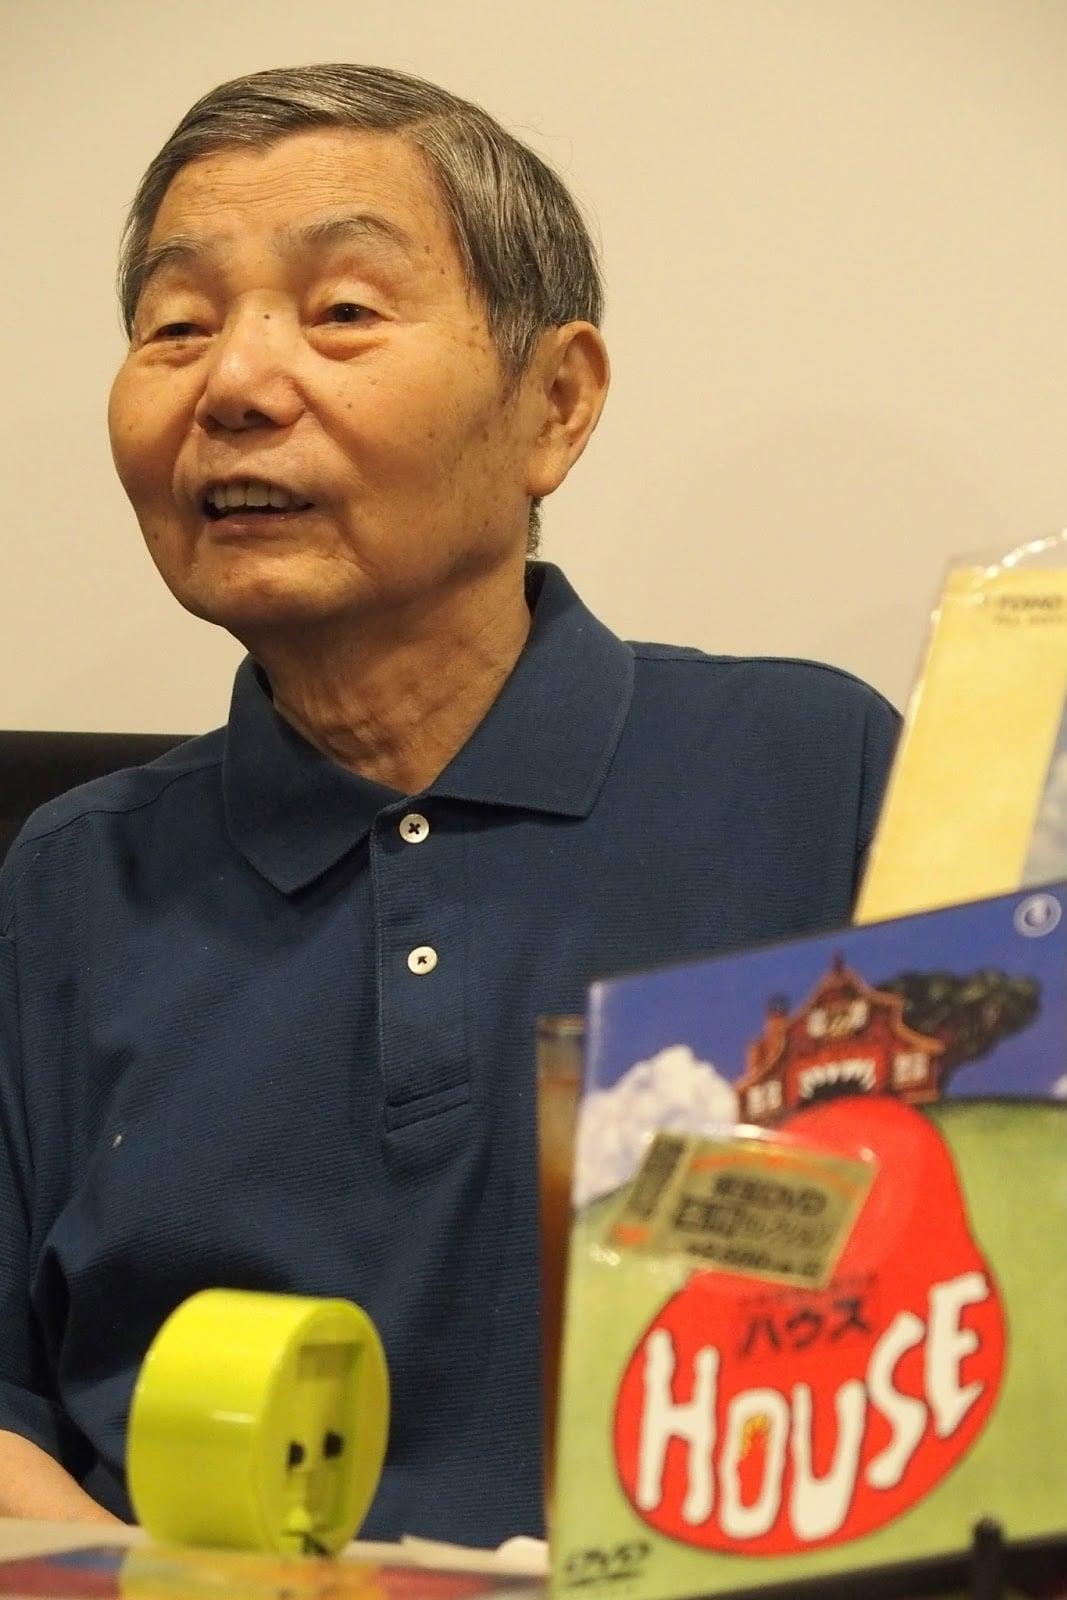 Chiho Katsura